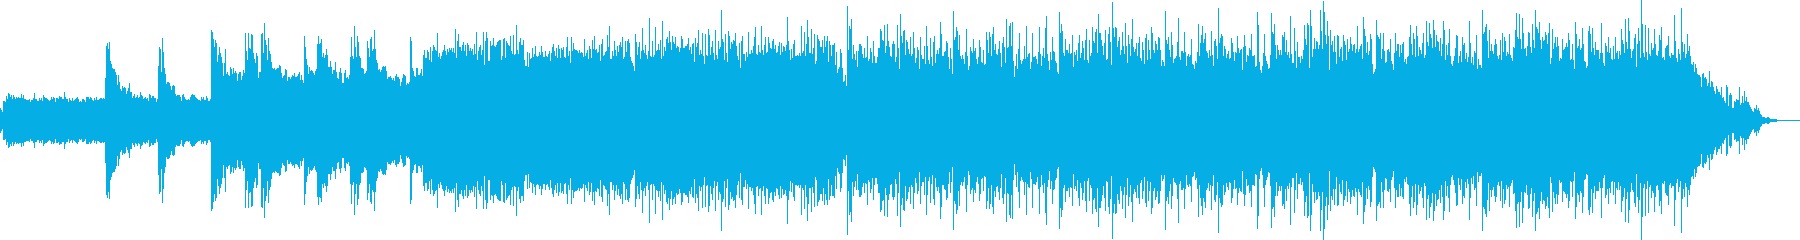 エアリアル サスペンス 説明的 繰...の再生済みの波形